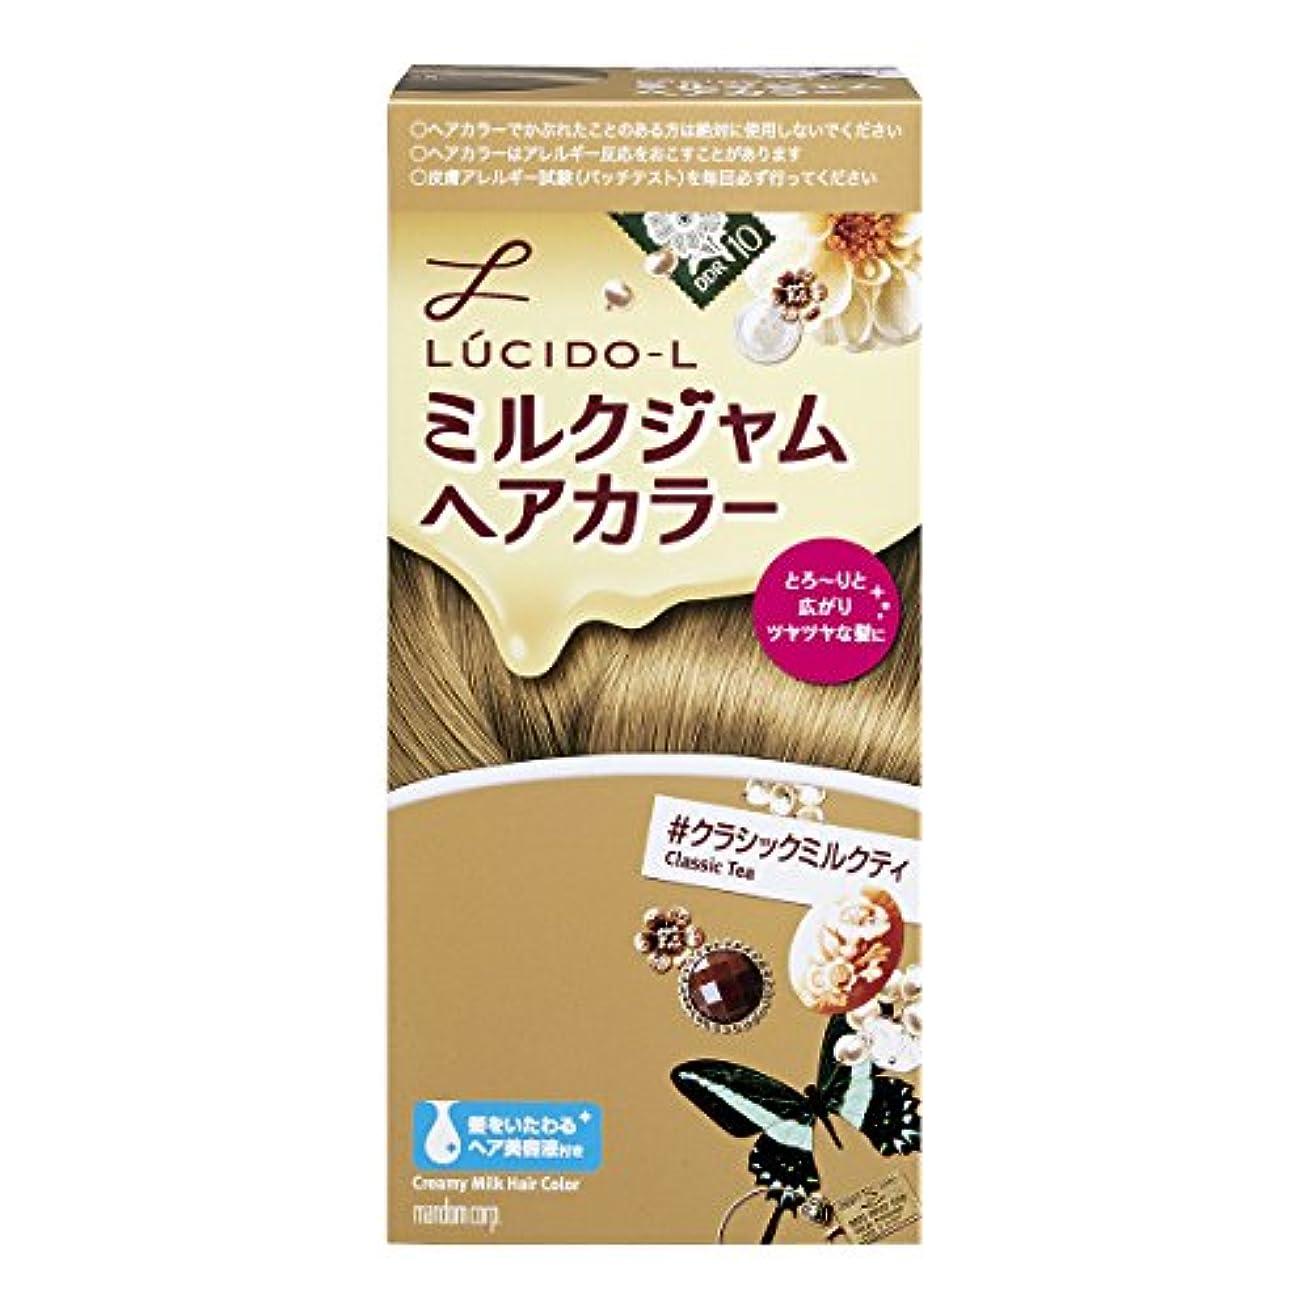 対象マッシュコードLUCIDO-L (ルシードエル) ミルクジャムヘアカラー #クラシックミルクティ (医薬部外品) (1剤40g 2剤80mL TR5g)